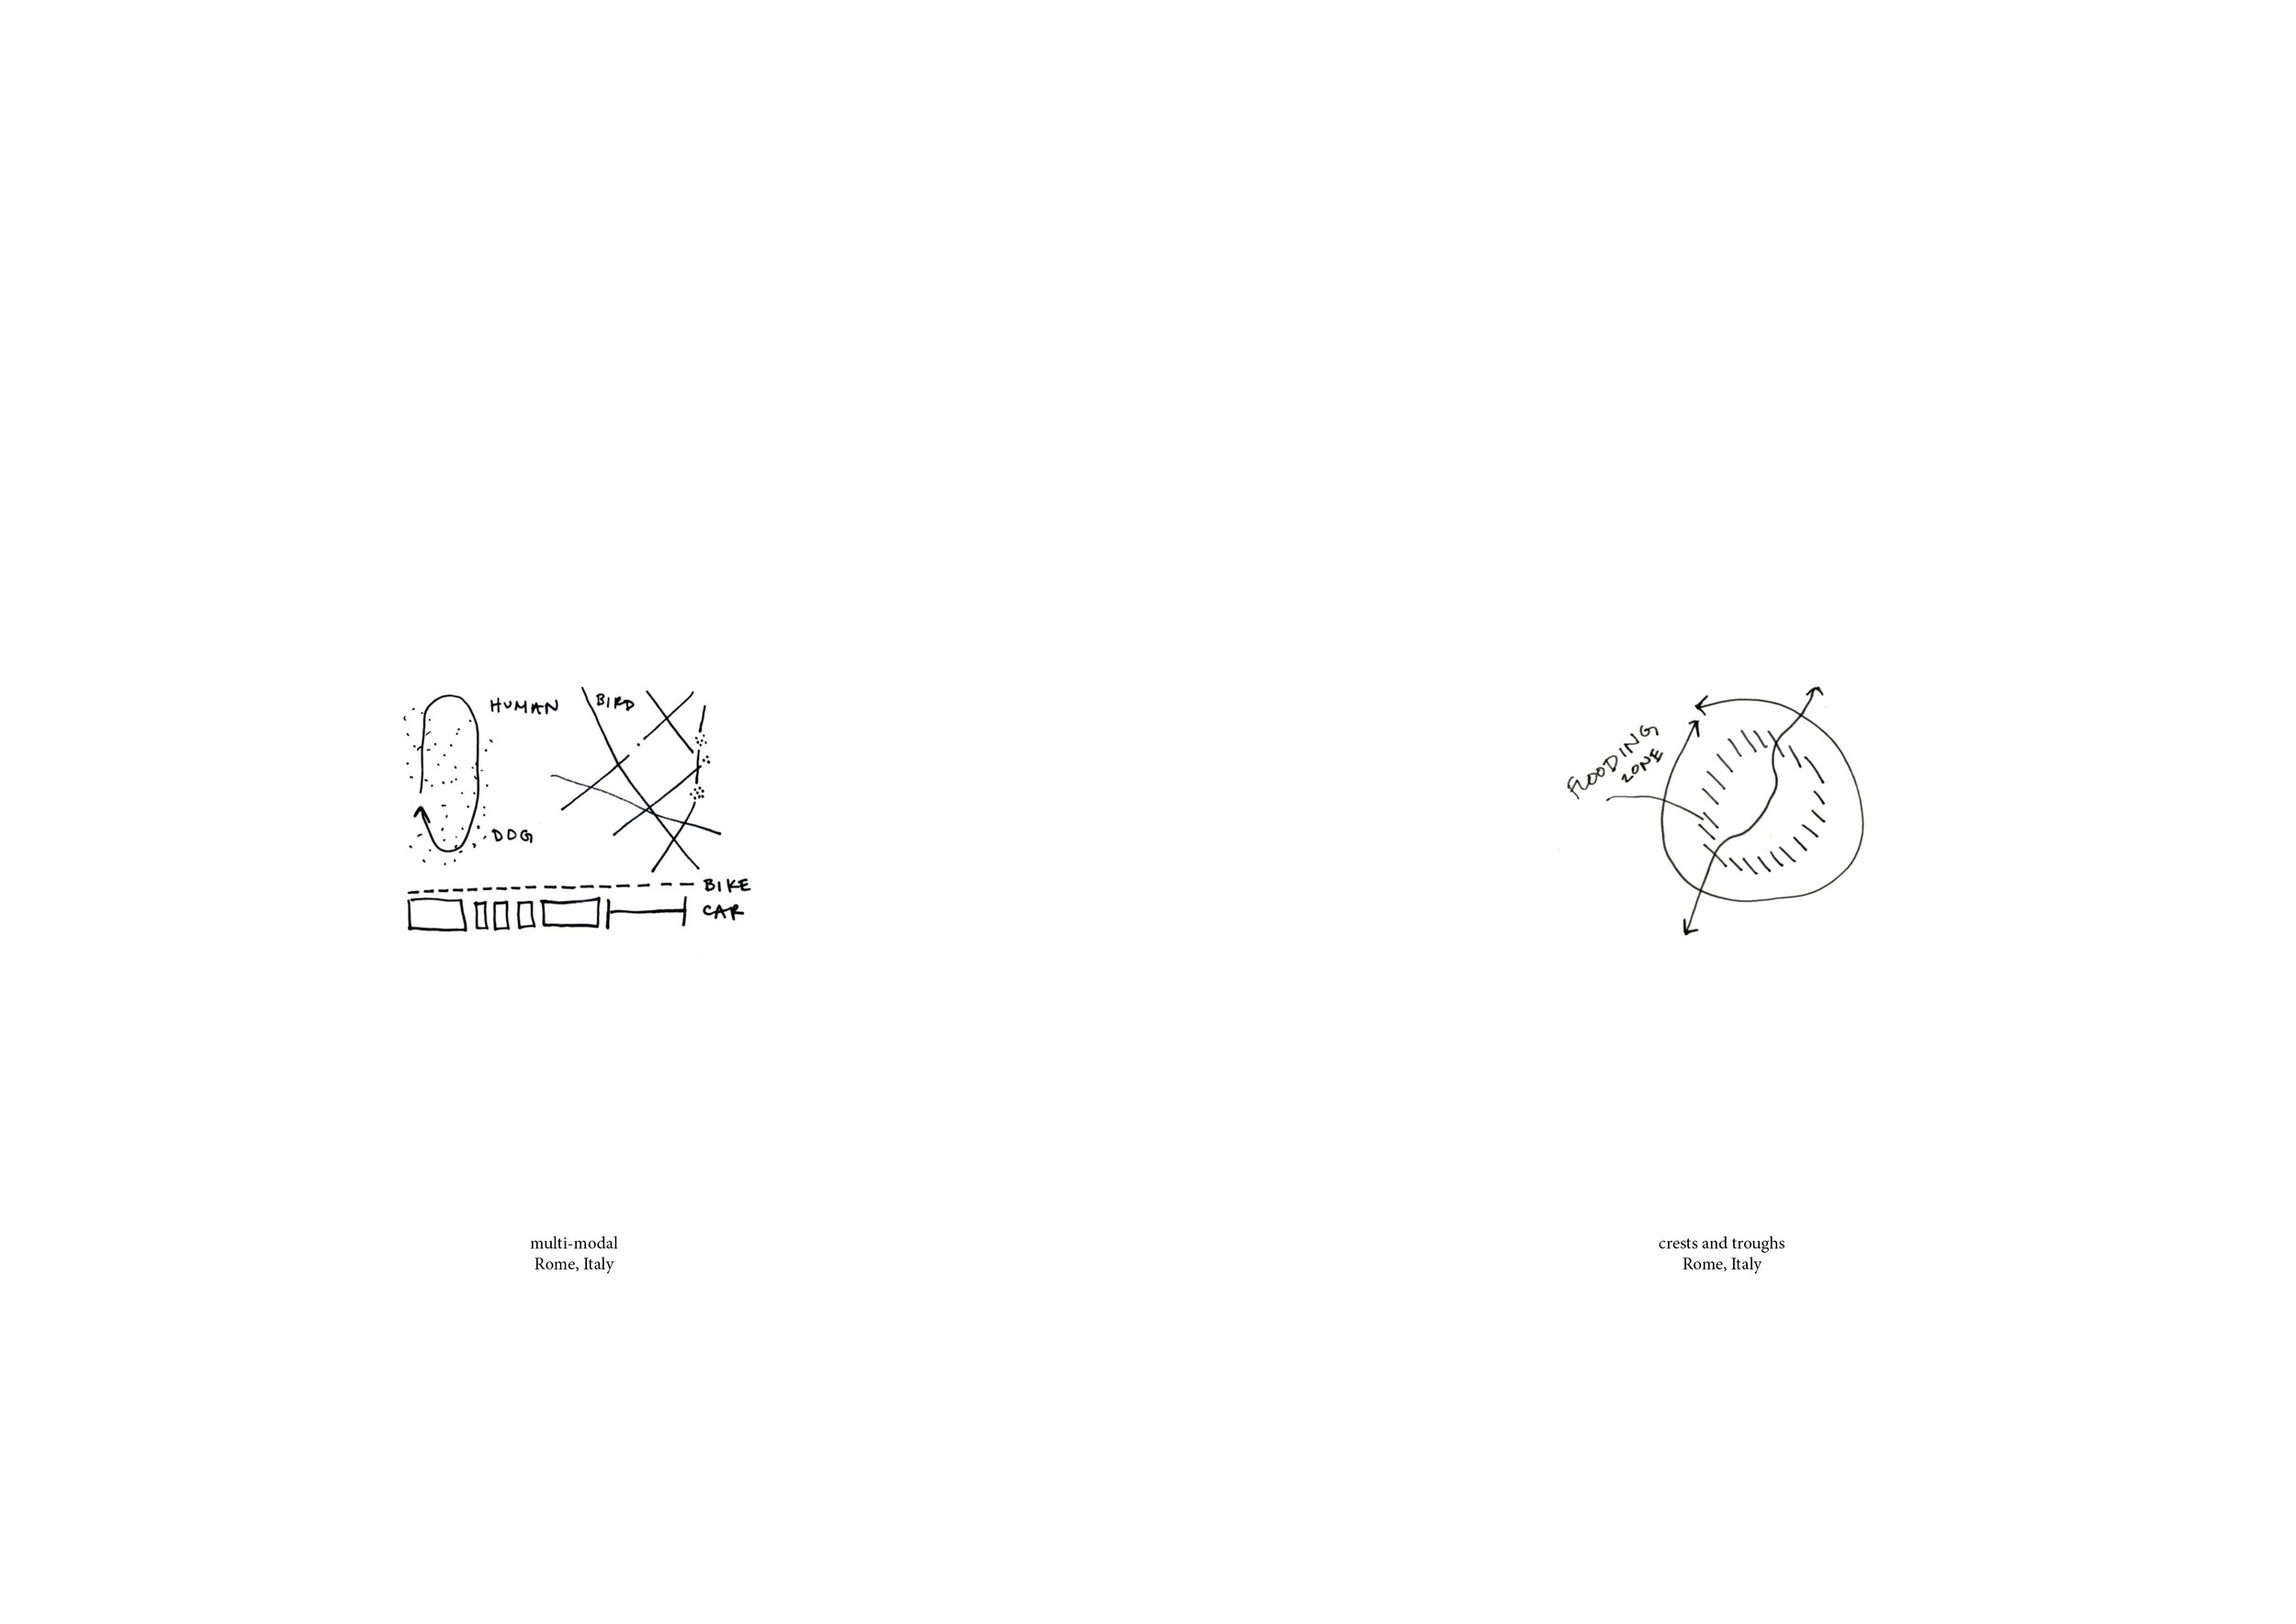 web diagram book print 37.jpg